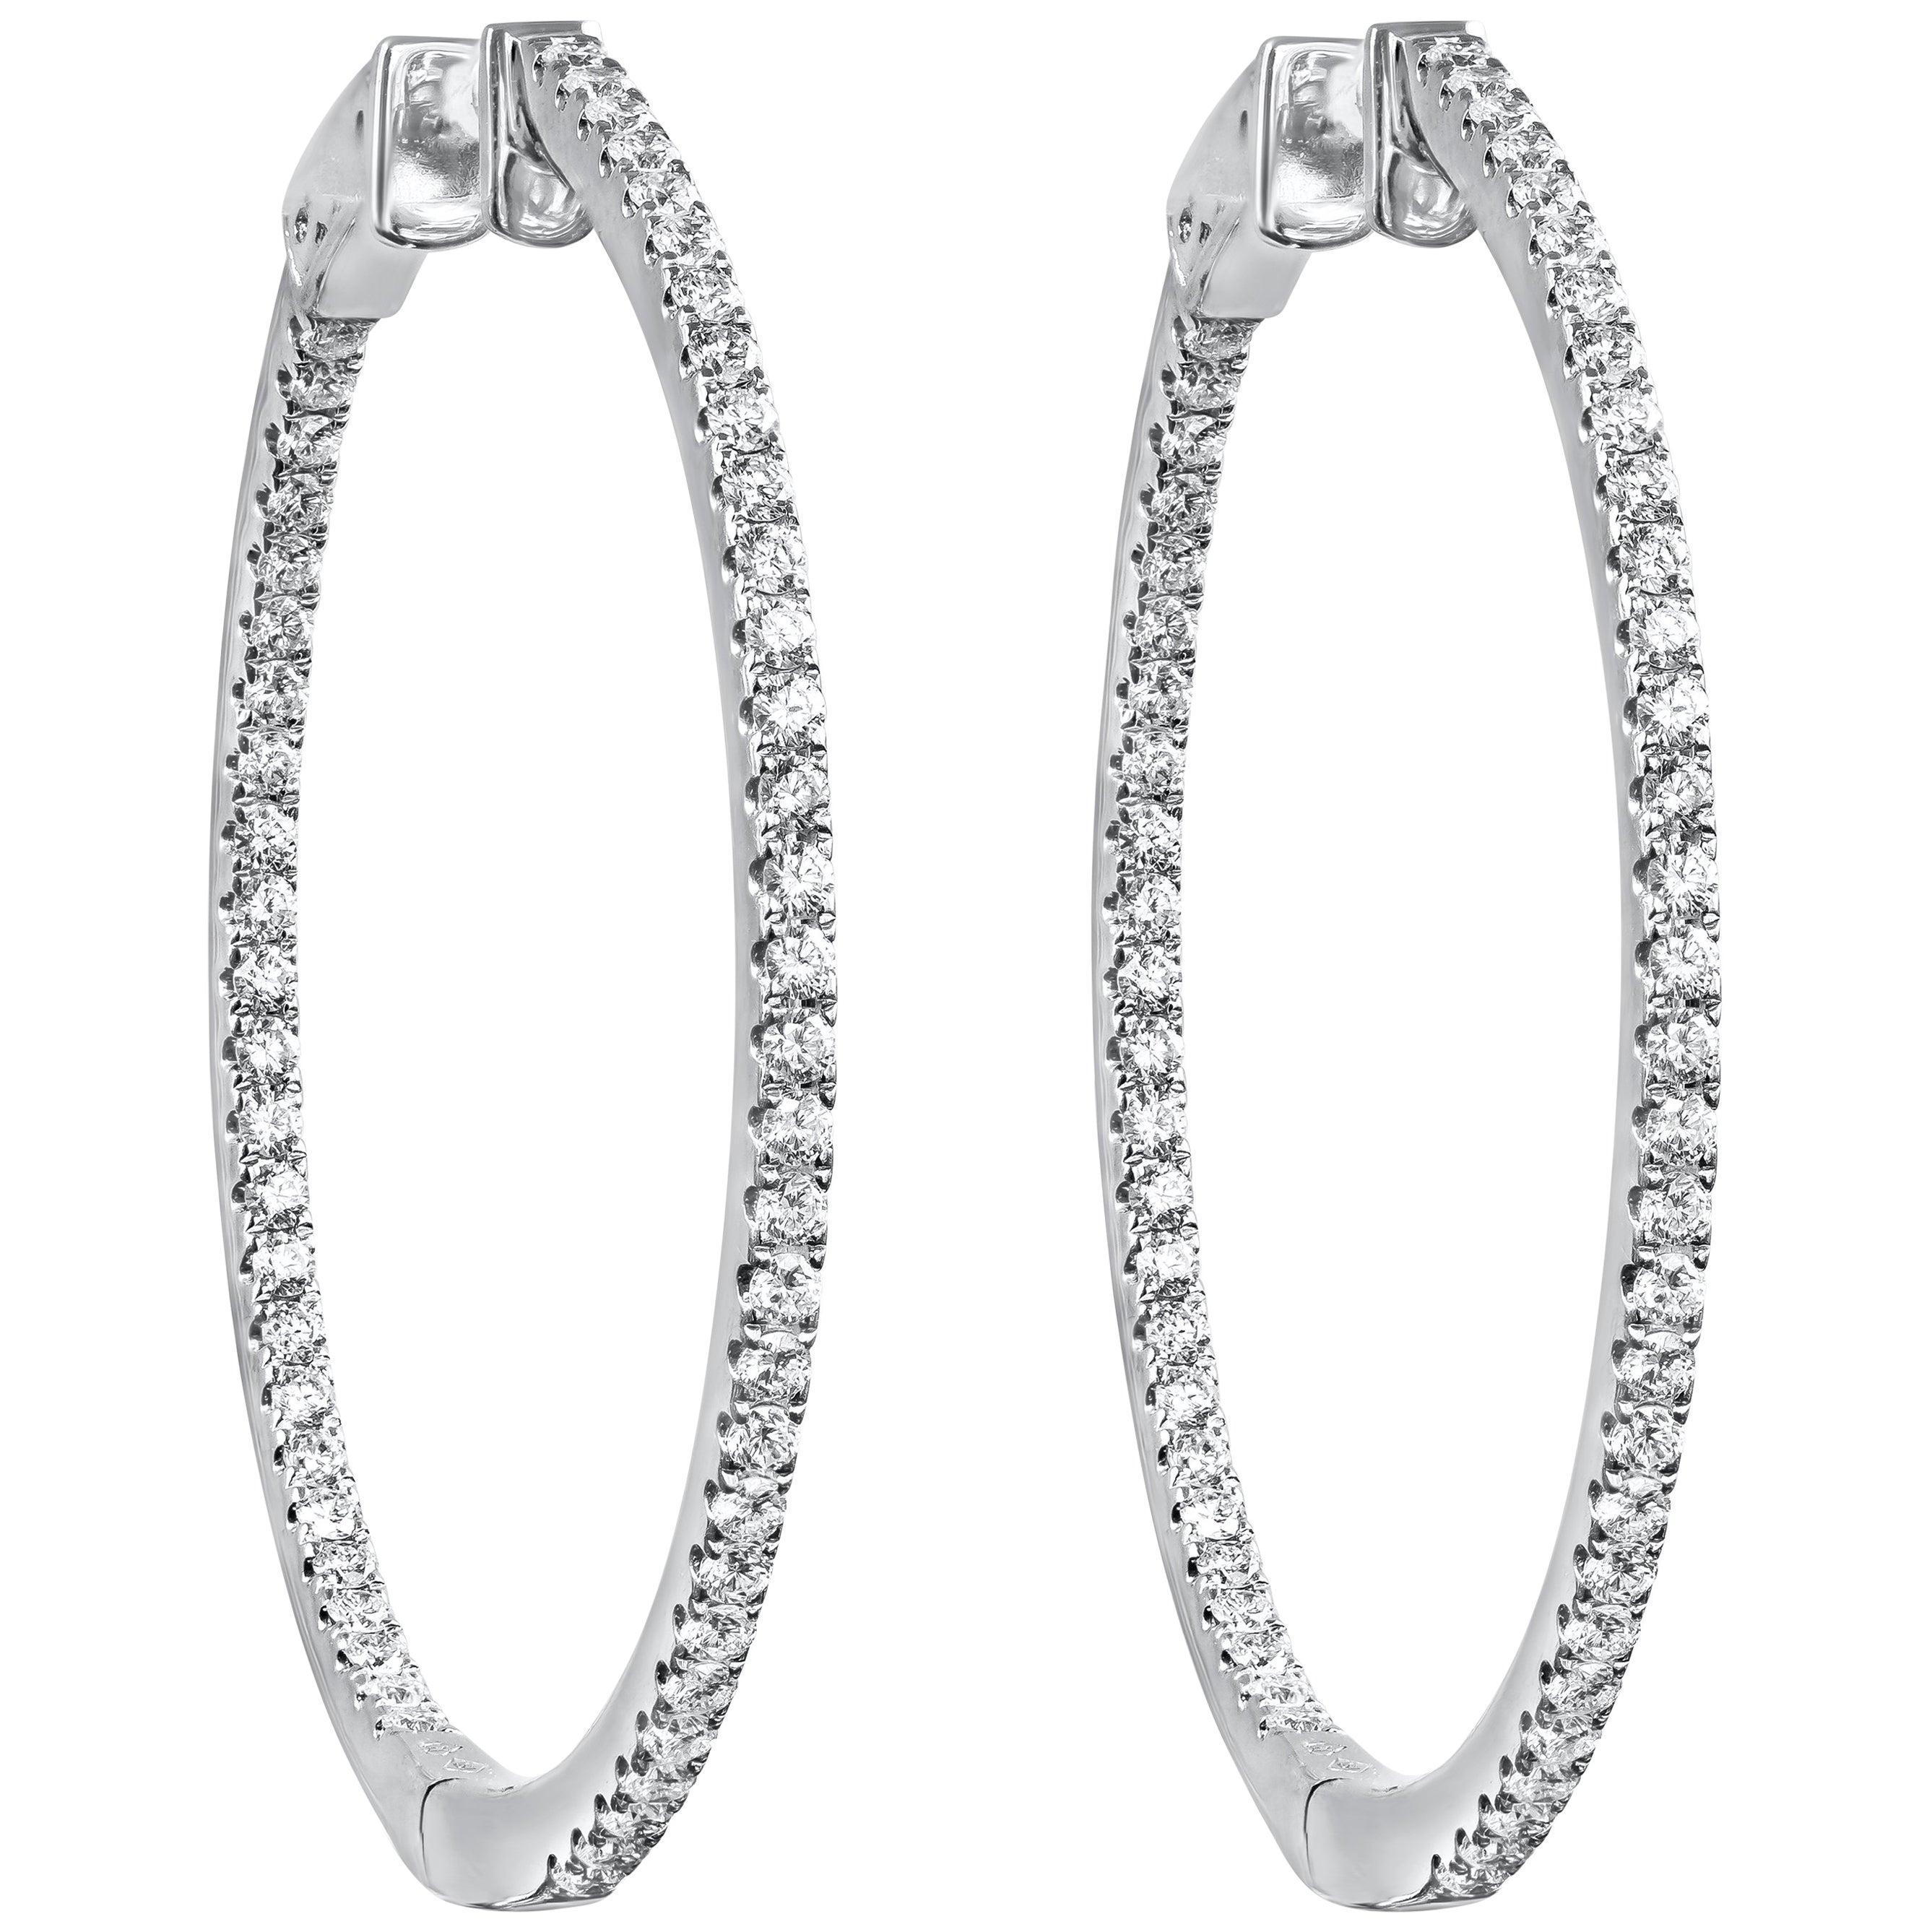 Roman Malakov, 1.51 Carat Round Diamond Pave Hoop Earrings